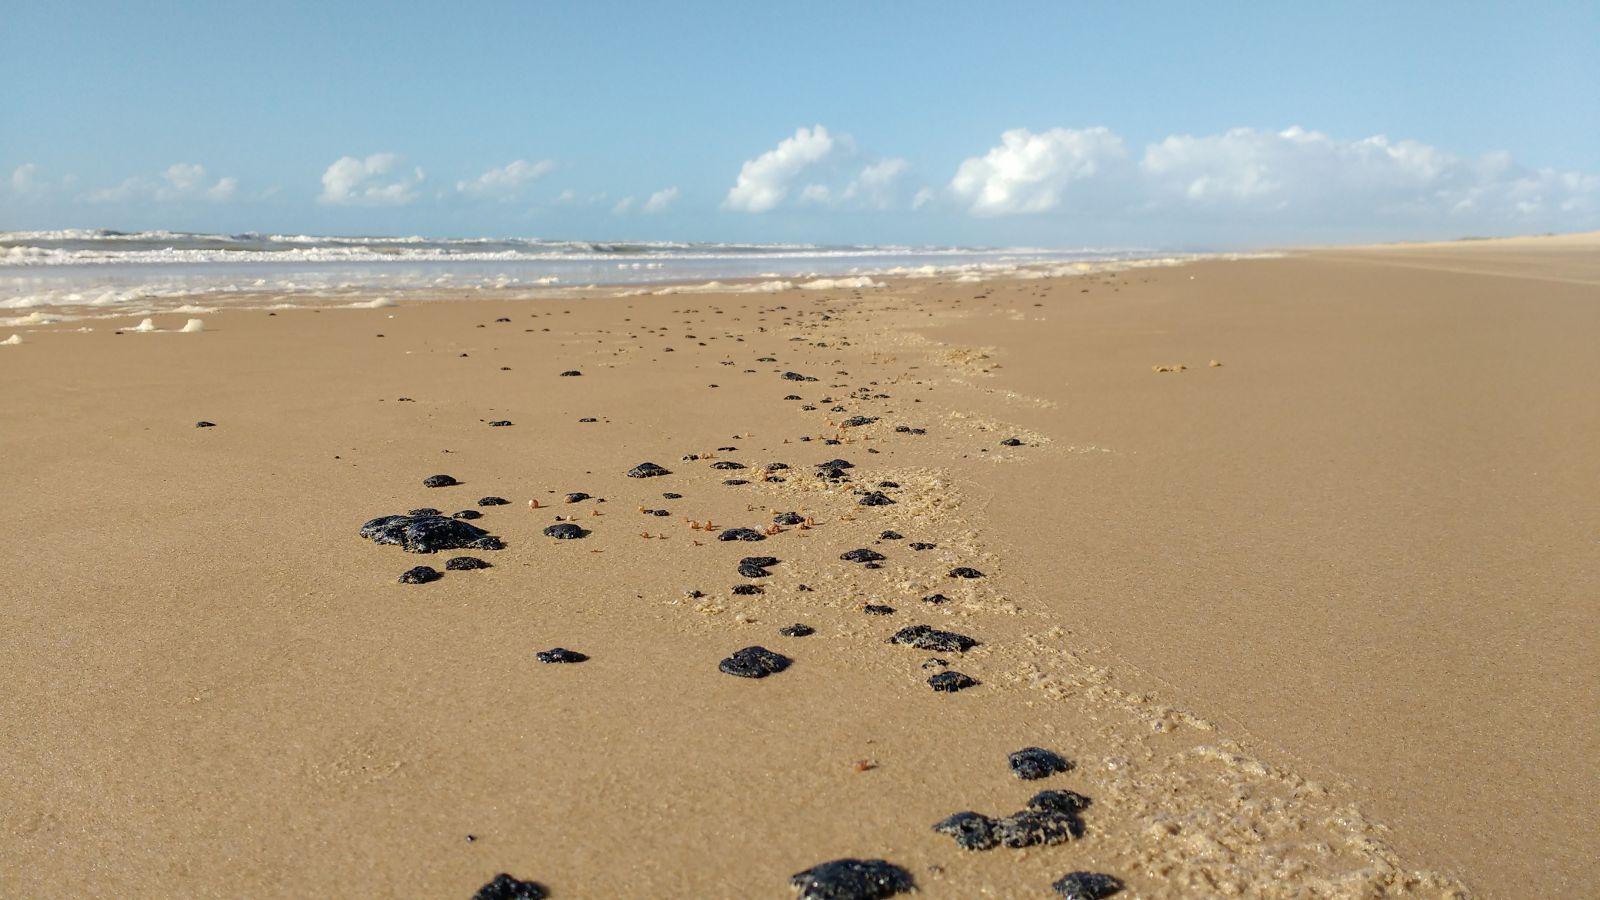 Manchas de Óleo registradas em uma praia de Sergipe em 2016 - Foto: Banco de Imagens/Ibama